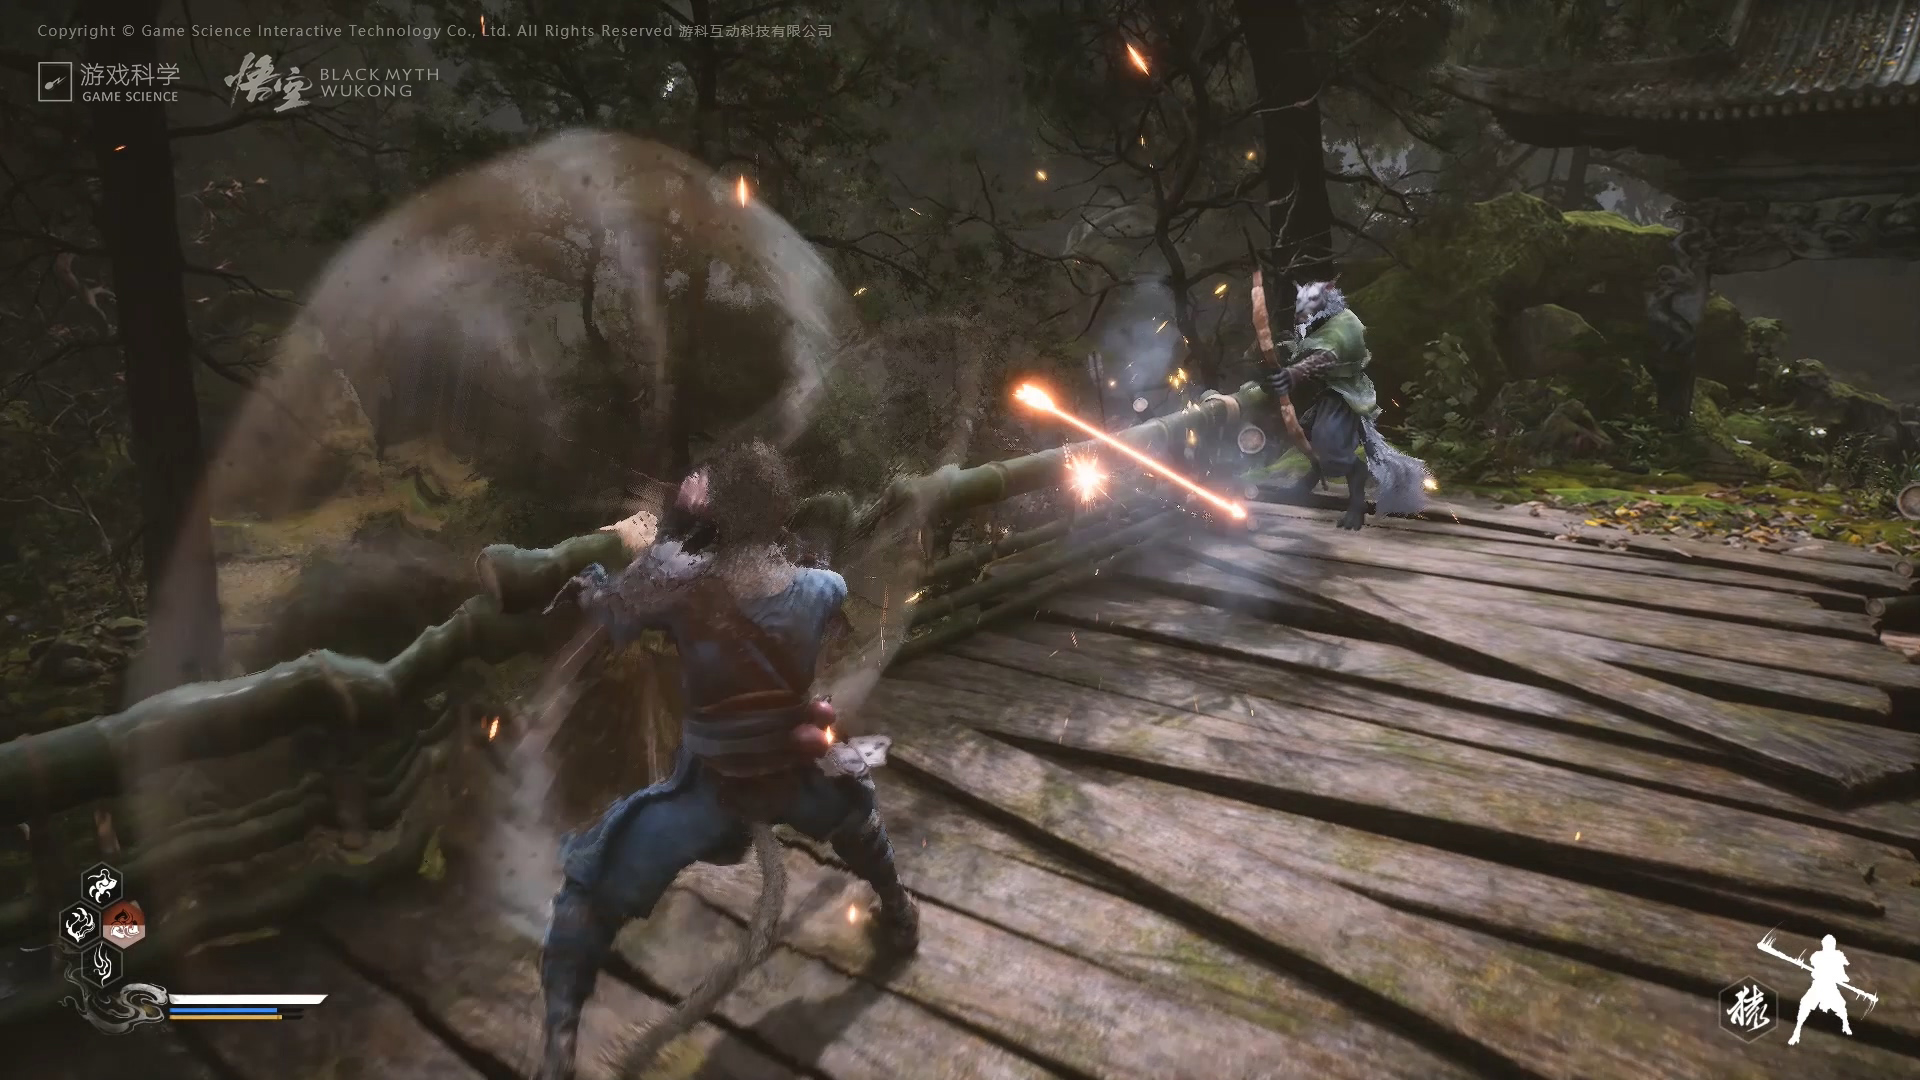 Black Myth: Wu Kong annunciato per Console e PC 3